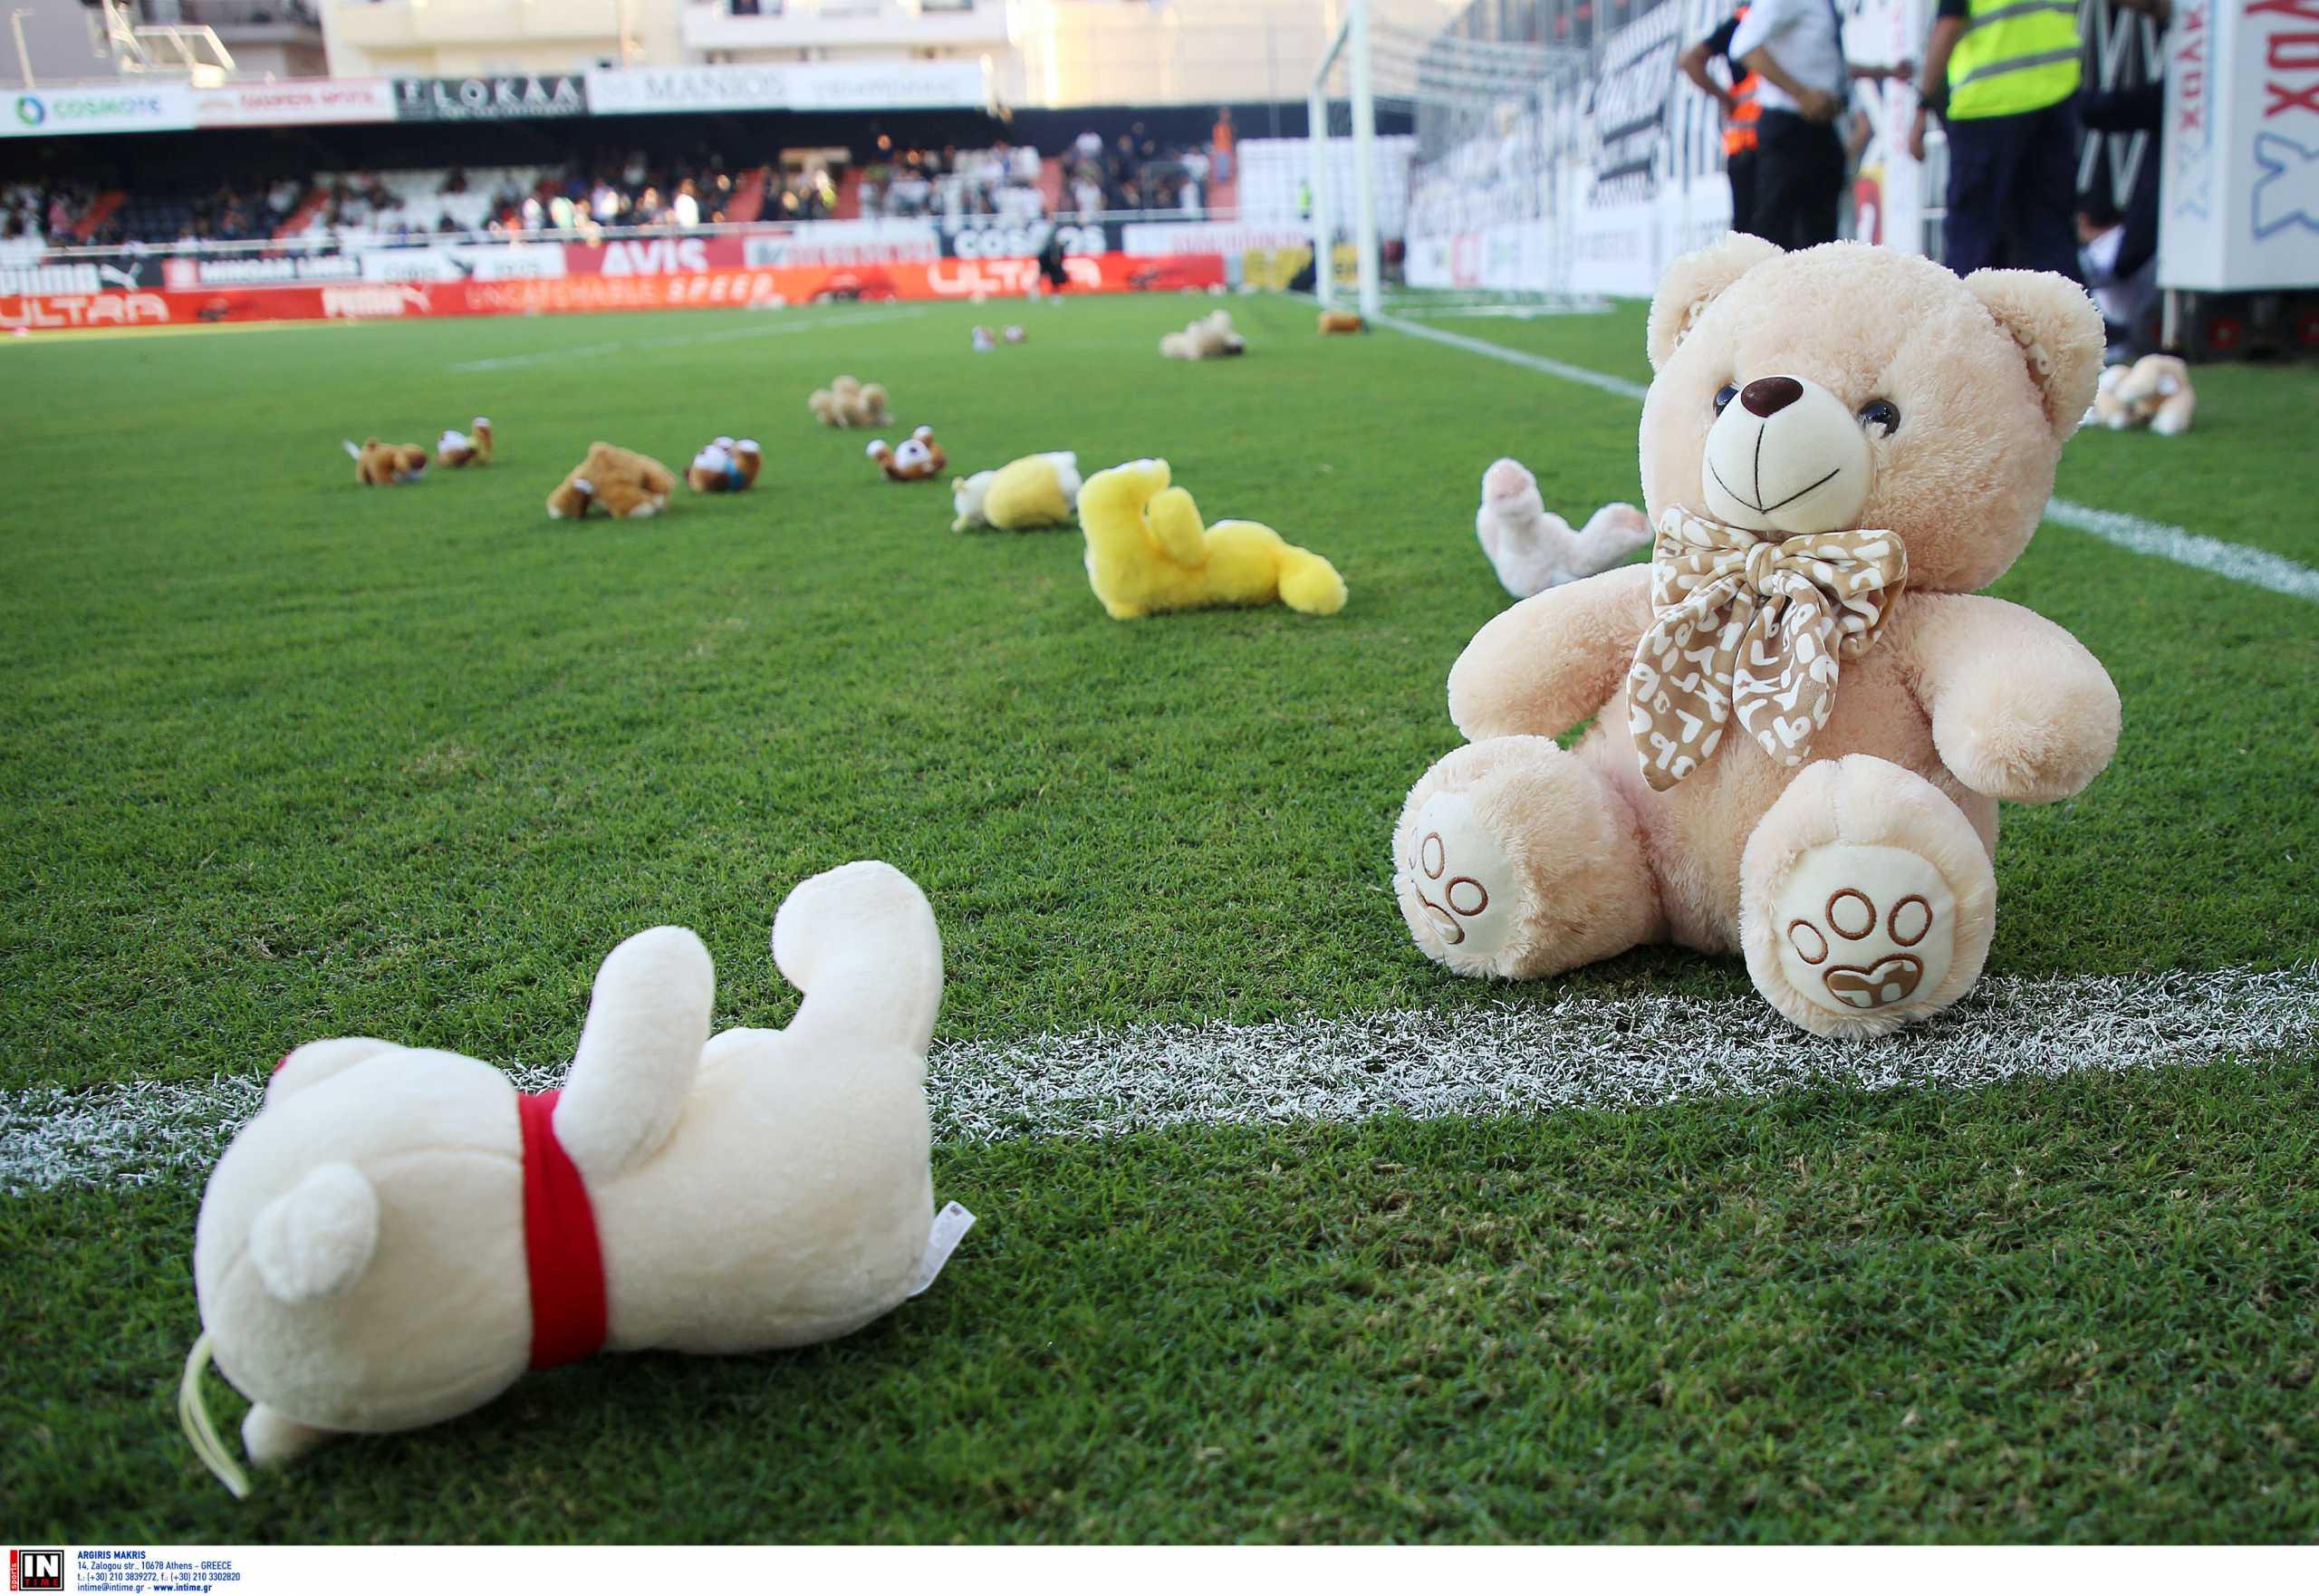 ΟΦΗ – Αστέρας Τρίπολης: Οι οπαδοί πέταξαν κουκλάκια για τον παιδικό καρκίνο